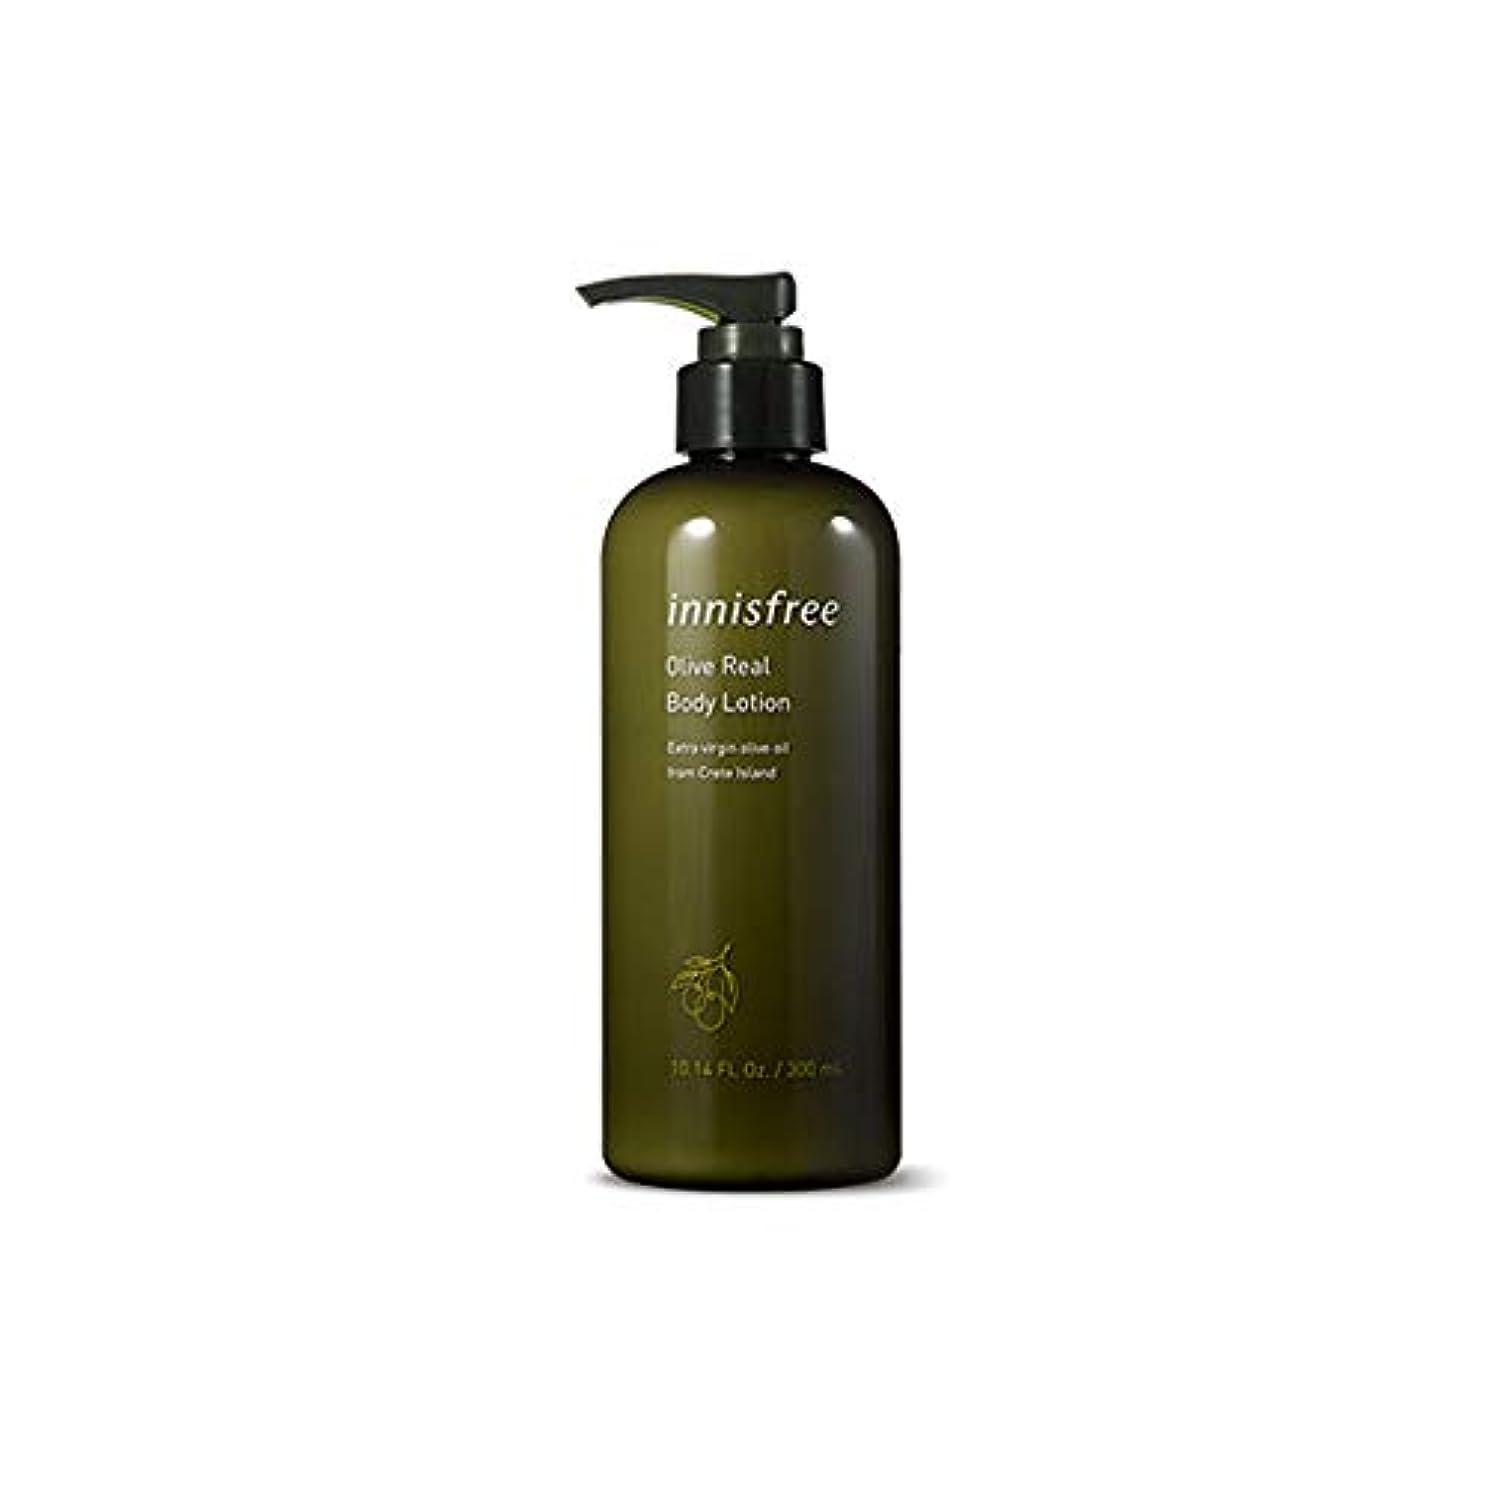 安定電圧要求するイニスフリー Innisfree オリーブリアル ボディーローション(300ml) Innisfree Olive Real Body Lotion(300ml) [海外直送品]